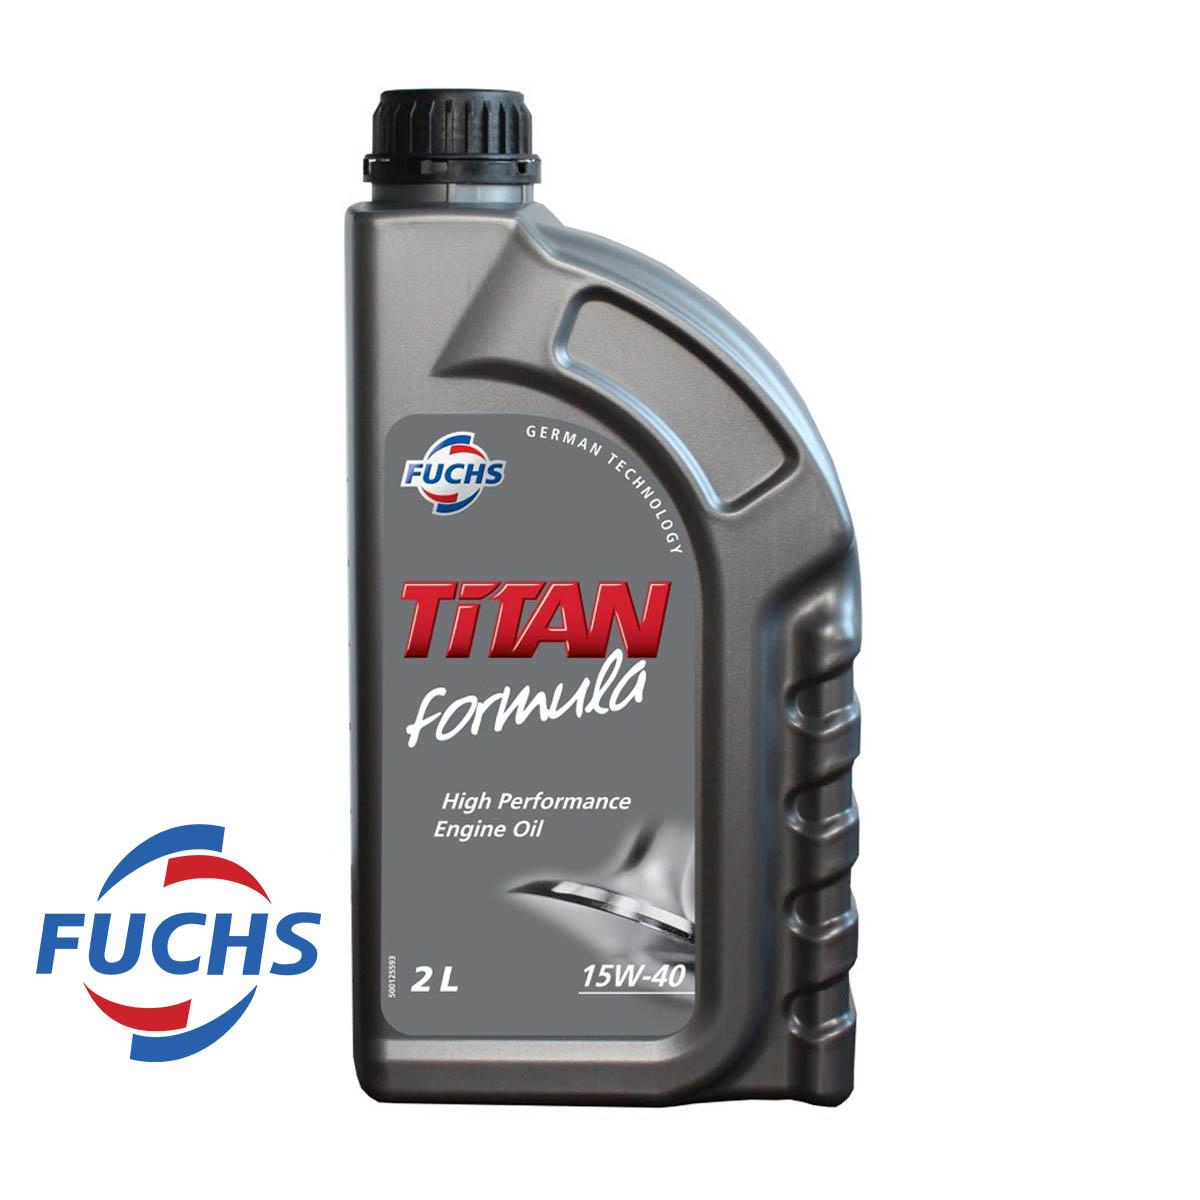 HUILE MOTEUR TITAN FORMULA 15W40 - 2L